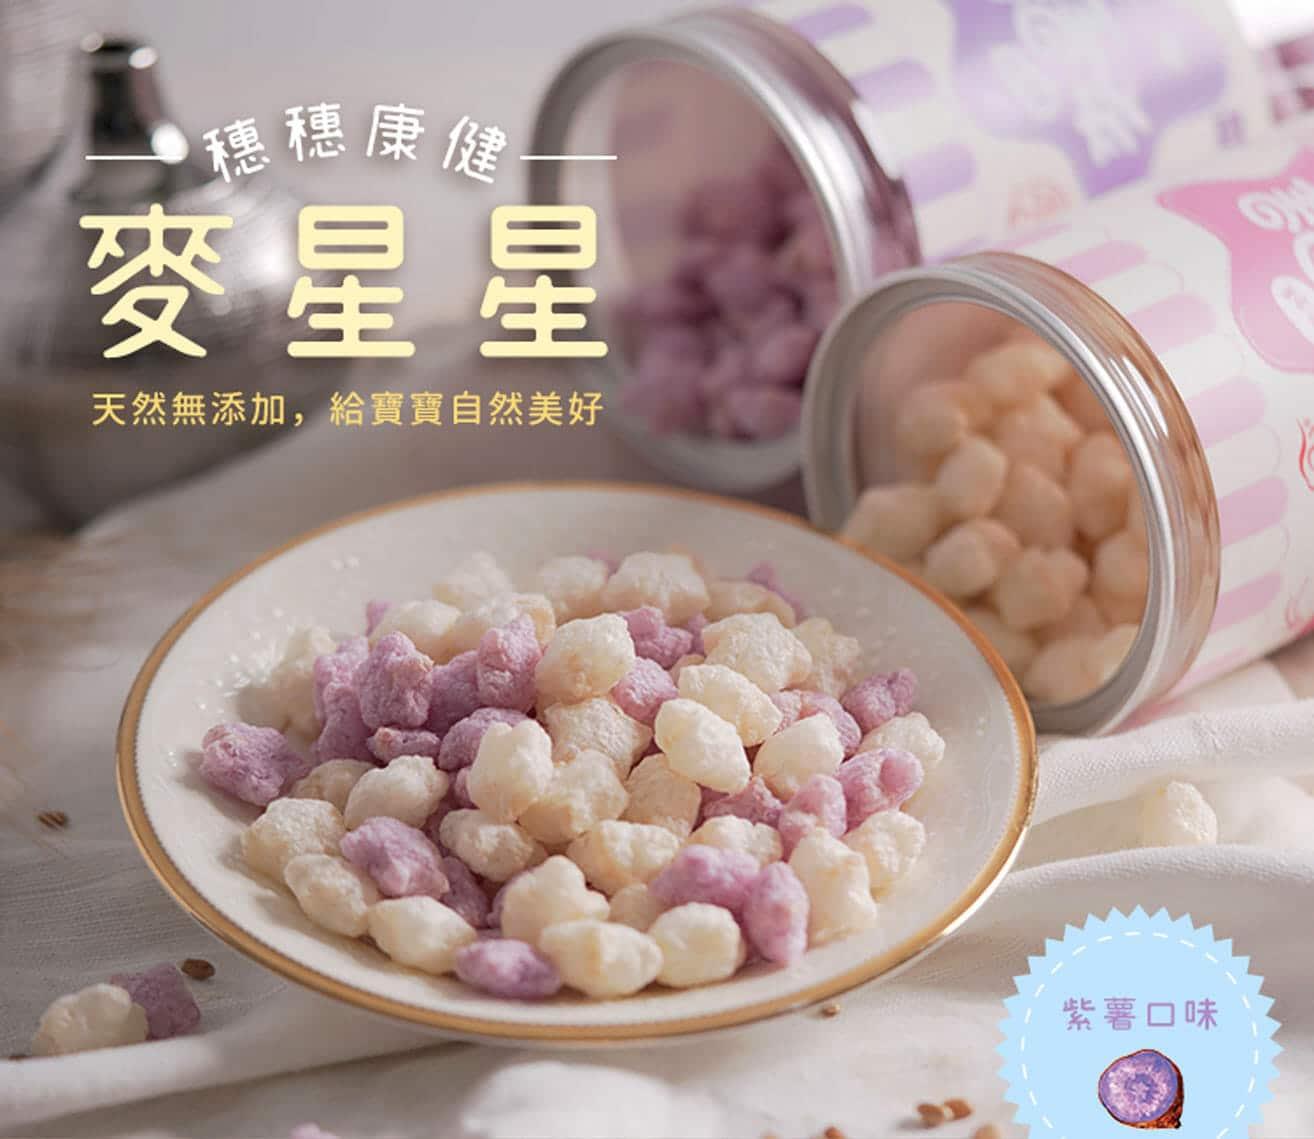 穗穗康健的麥星星紫地瓜口味餅乾,天然無添加,給寶寶自然美好